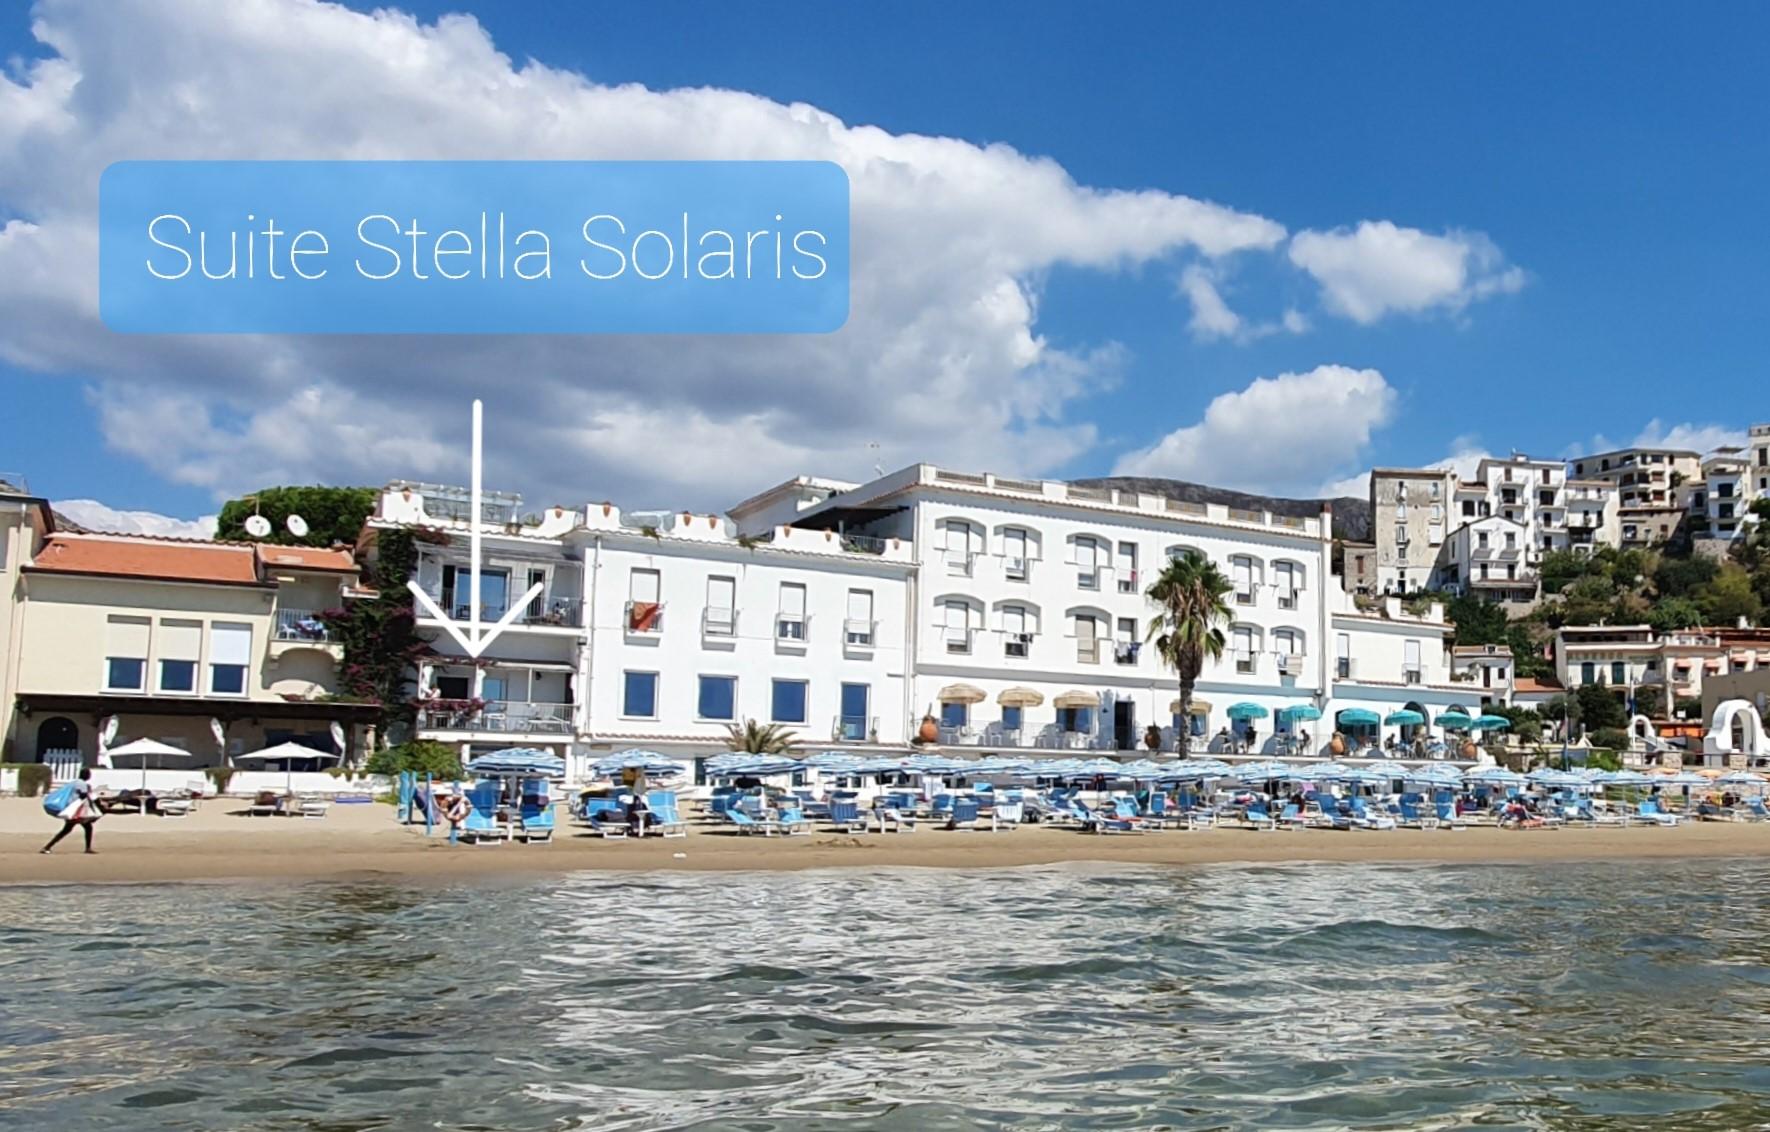 Suite Stella Solaris